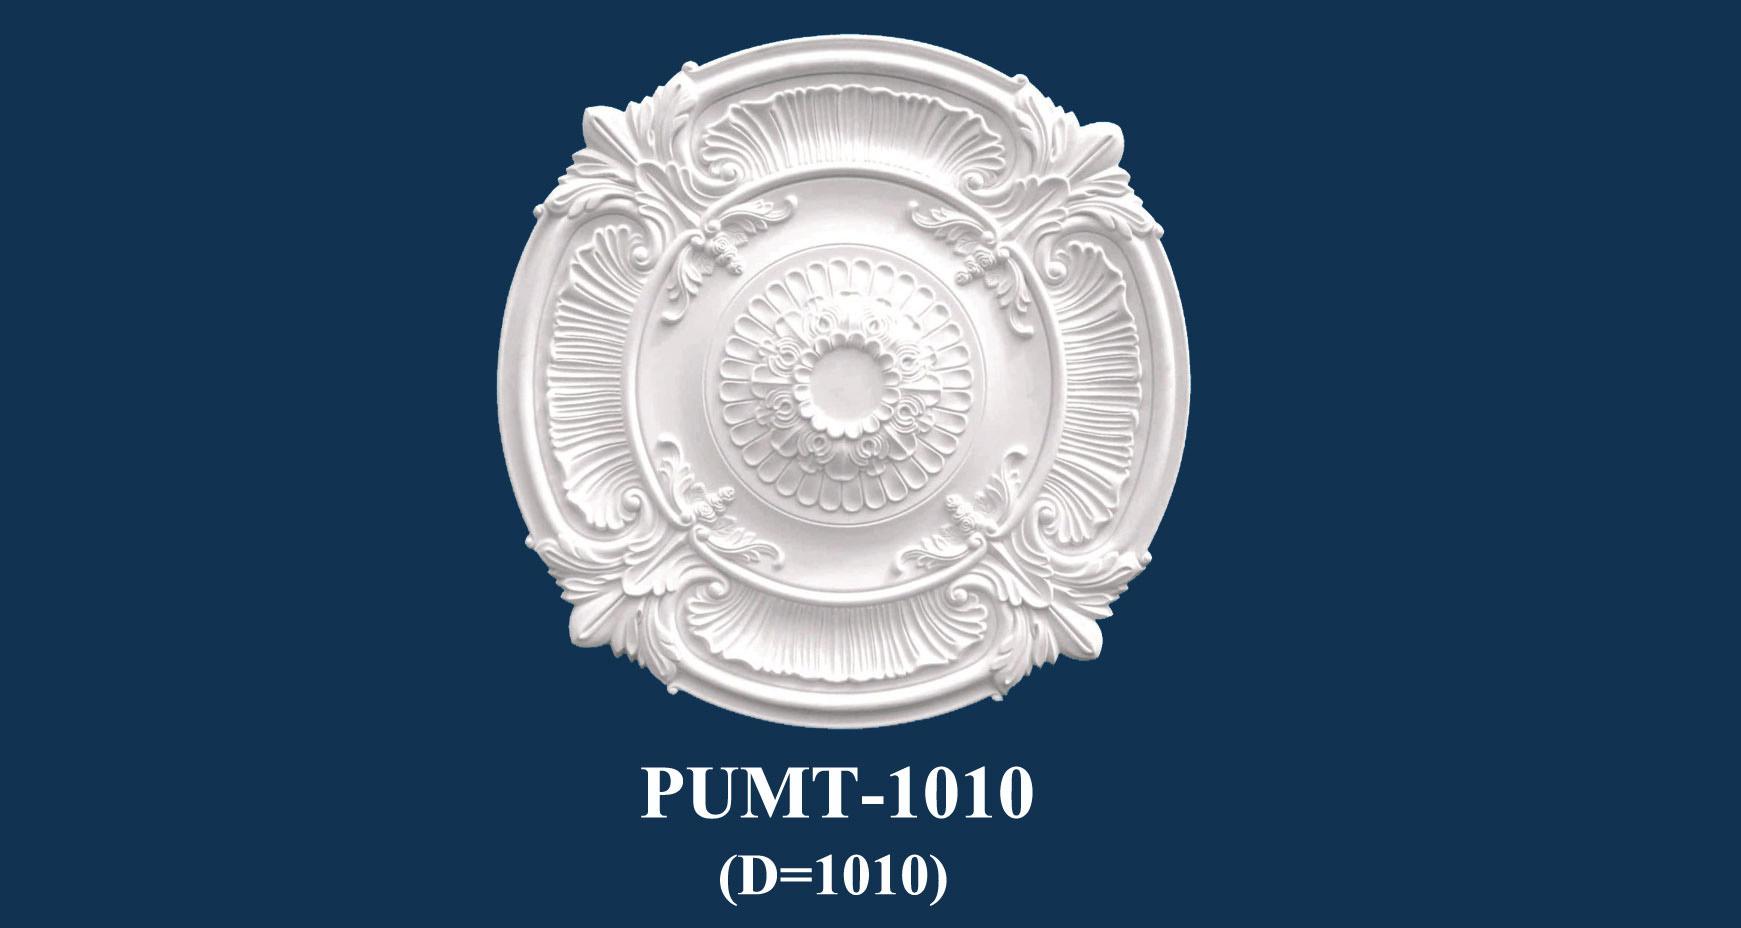 Mâm Trần PU | PUMT - 1010